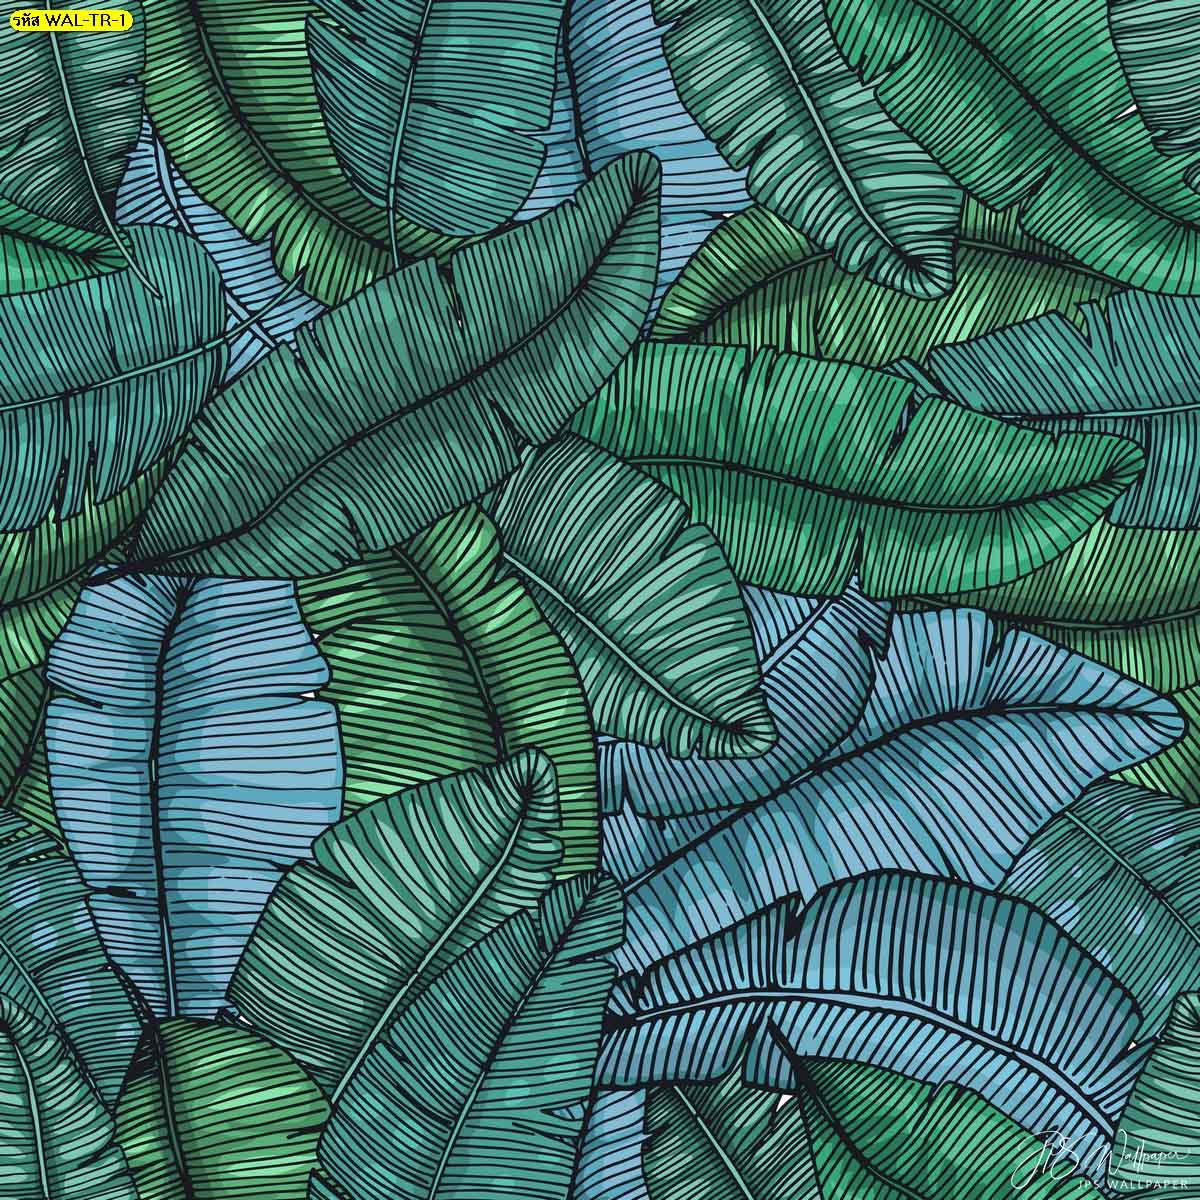 วอลเปเปอร์ต่อลายใบตองเขียว วอลเปเปอร์ต่อลายขนาดใหญ่ลายใบตอง